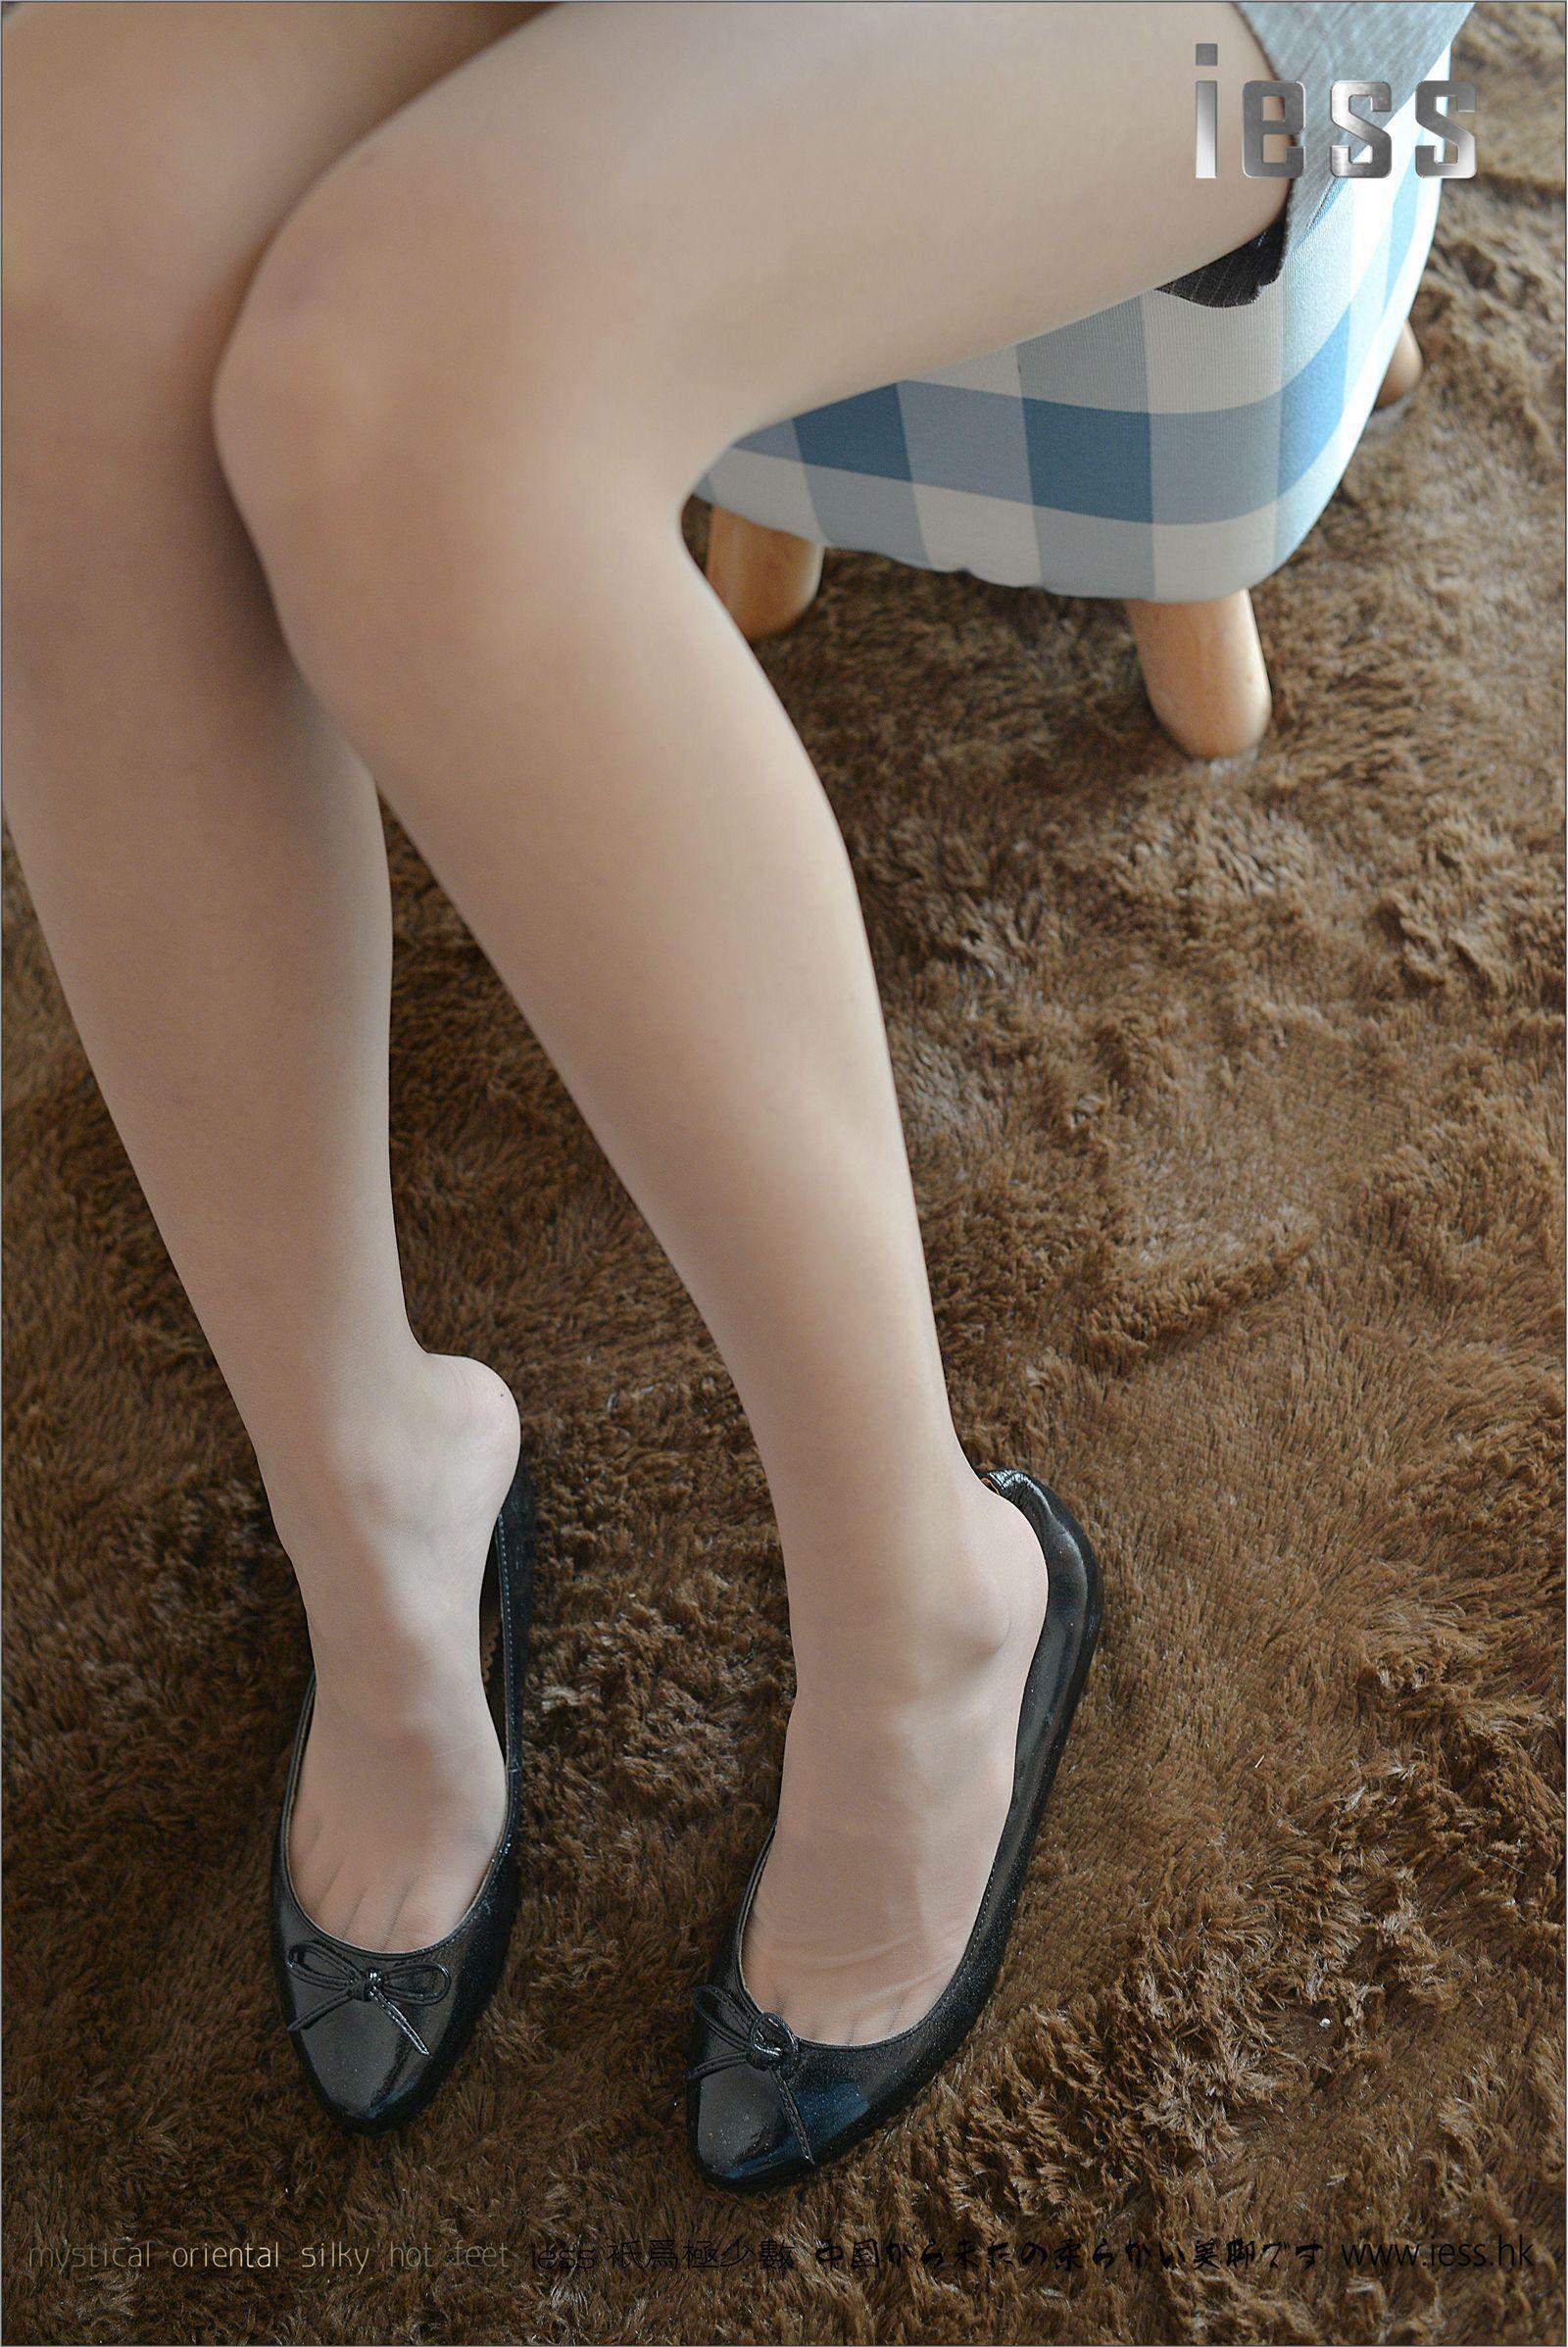 [异思趣向] 潇潇 女神演绎ES6和平底鞋[99P] 异思趣向 第3张